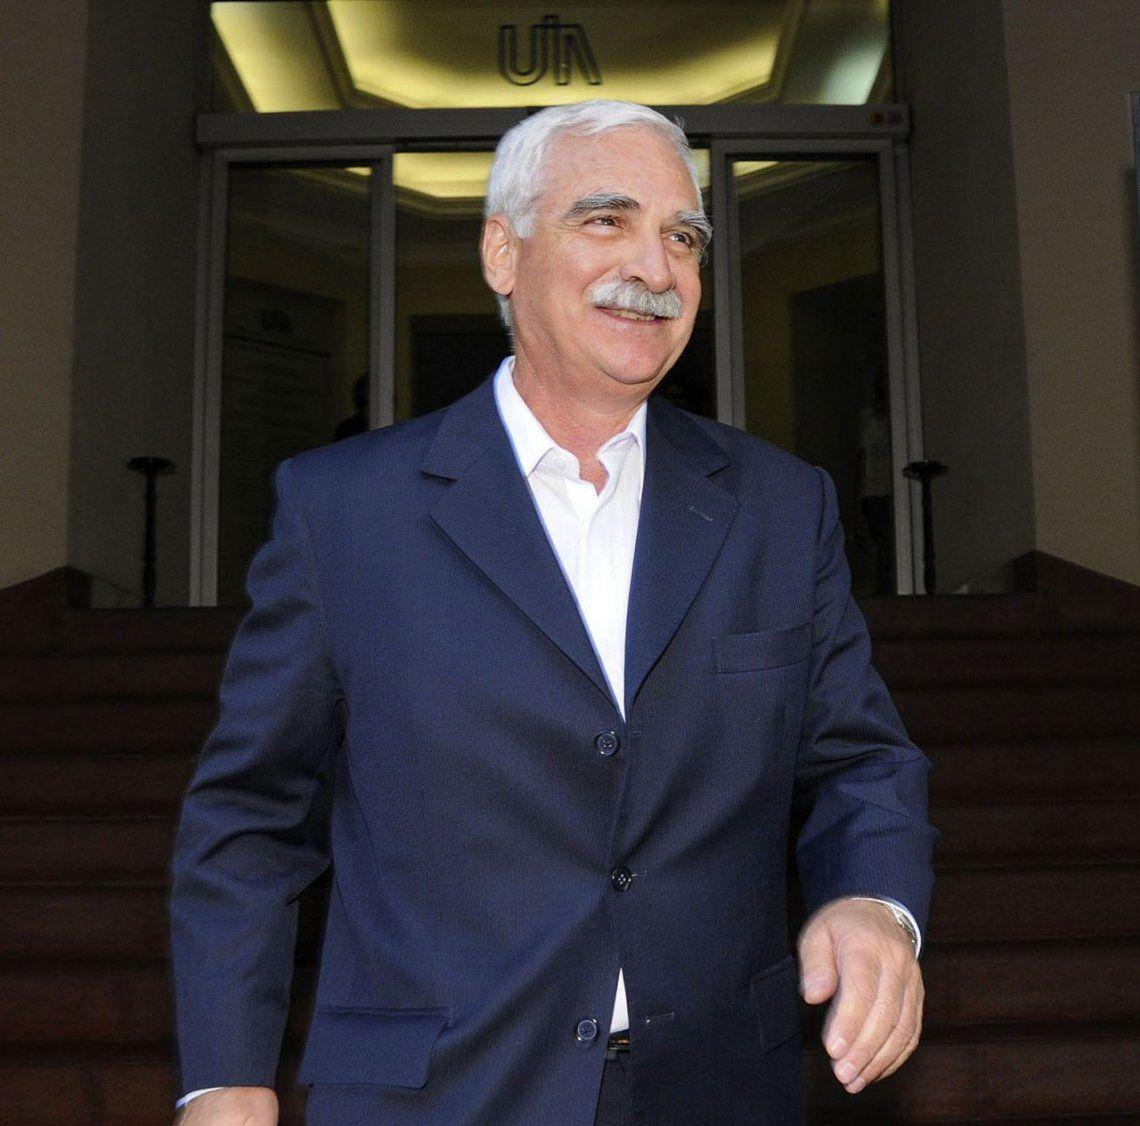 Condenan a cuatro años de cárcel al ex titular de la UIA Juan Carlos Lascurain por corrupción en la obra pública